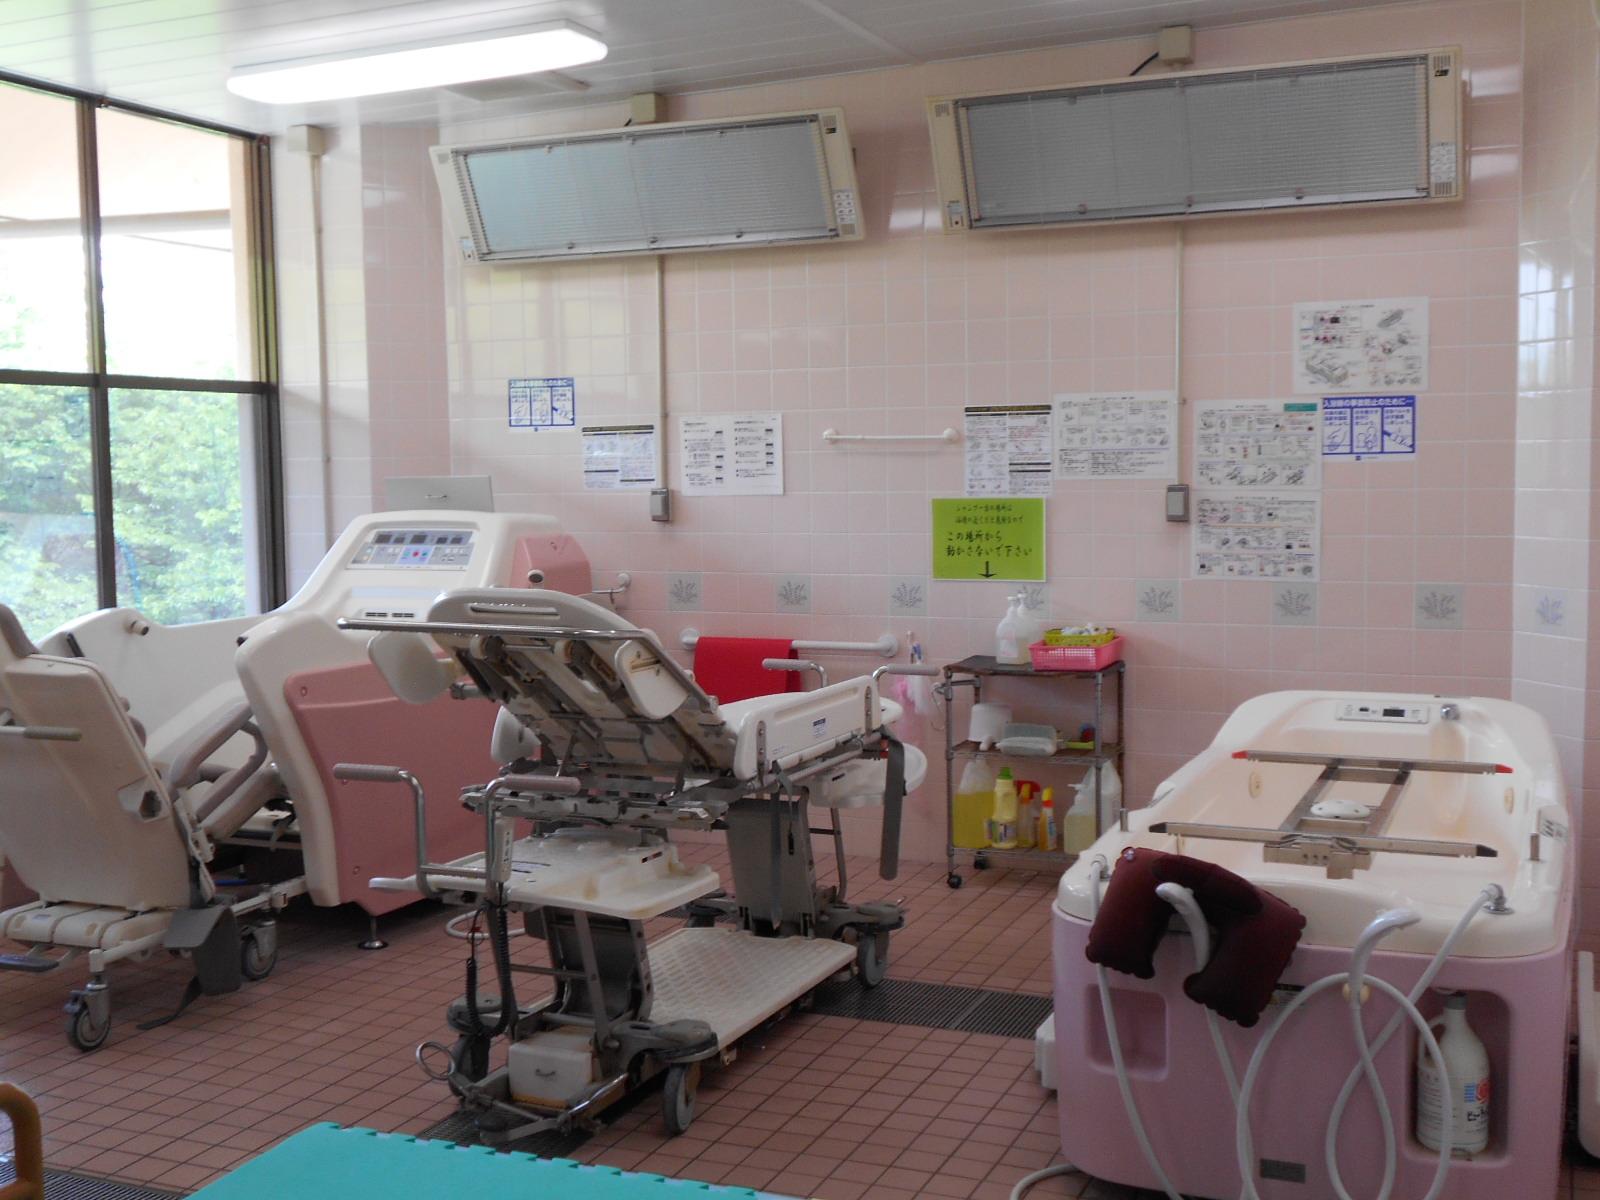 八野生活介護センター2019-05-10-12.43.43